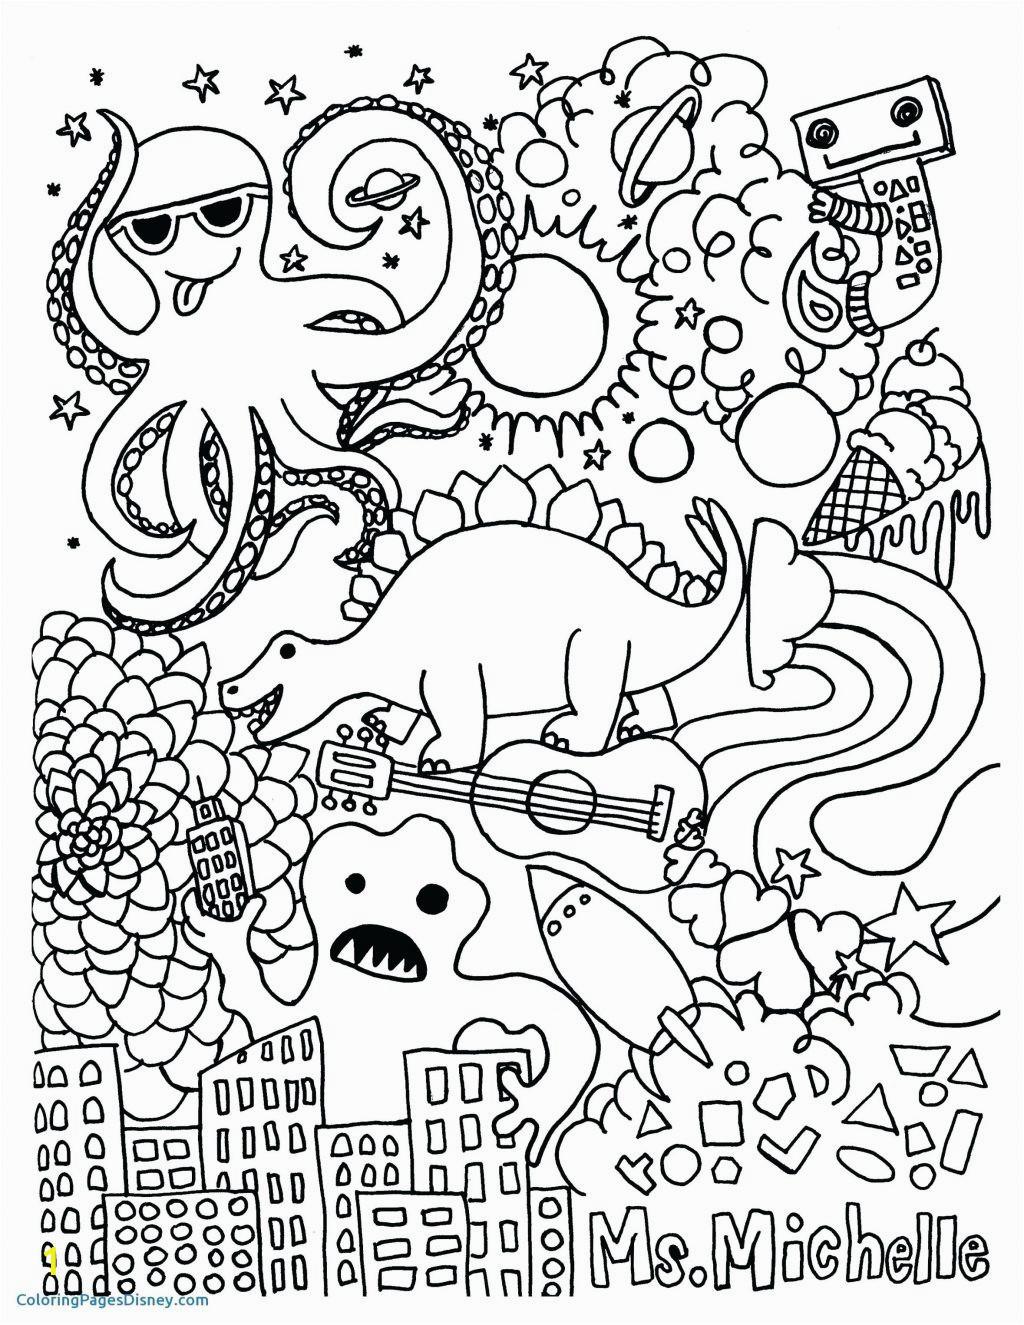 printable mindful coloring pages unique color pages color pages super hero squad coloring of printable mindful coloring pages